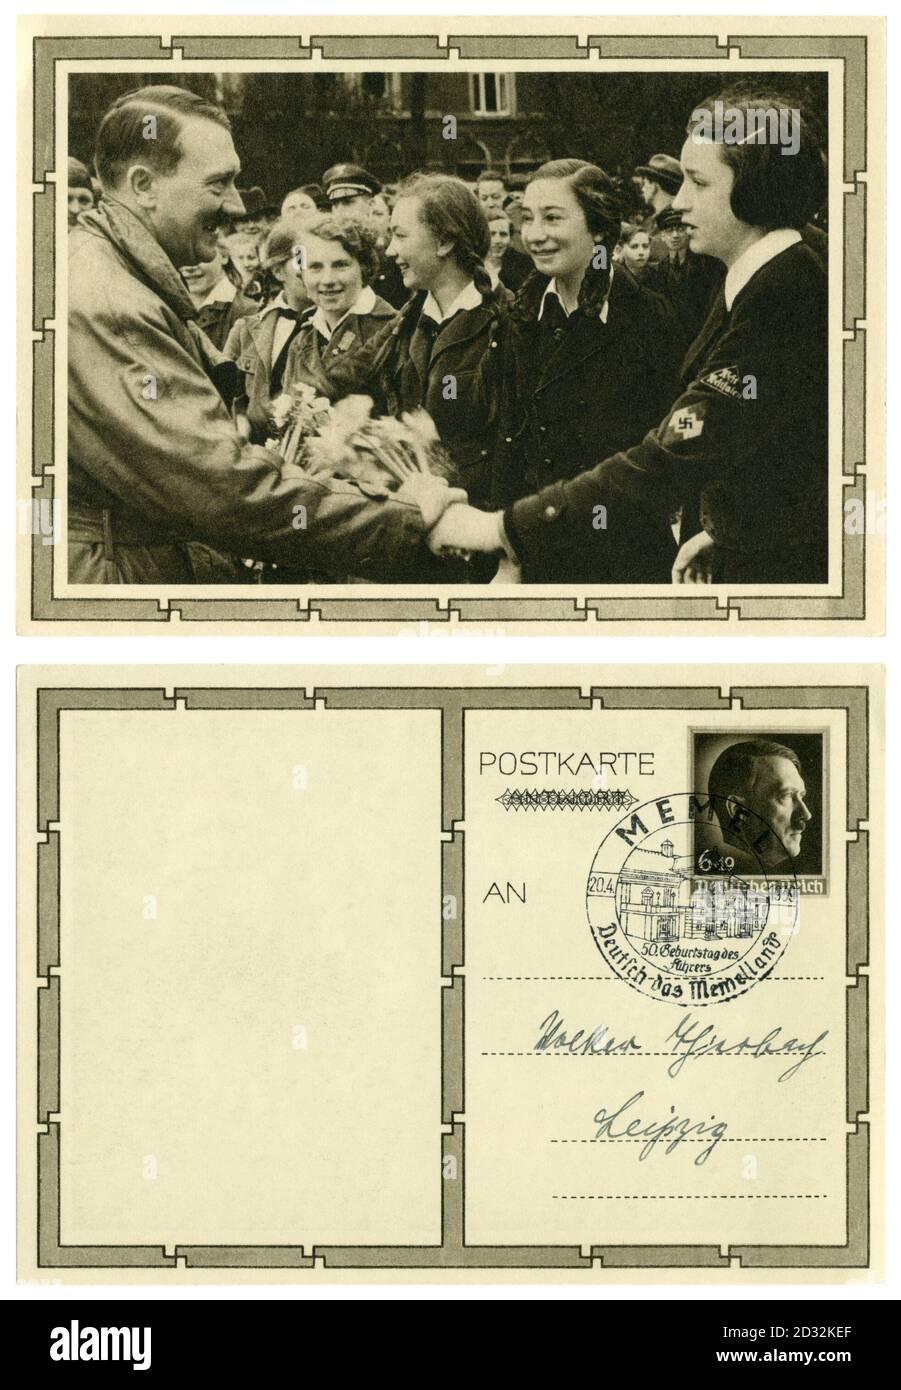 Carte postale historique allemande : 50e anniversaire d'Adolf Hitler. Il reçoit un bouquet de fleurs d'un membre de la BDM (Ligue des filles allemandes), 1939 Banque D'Images